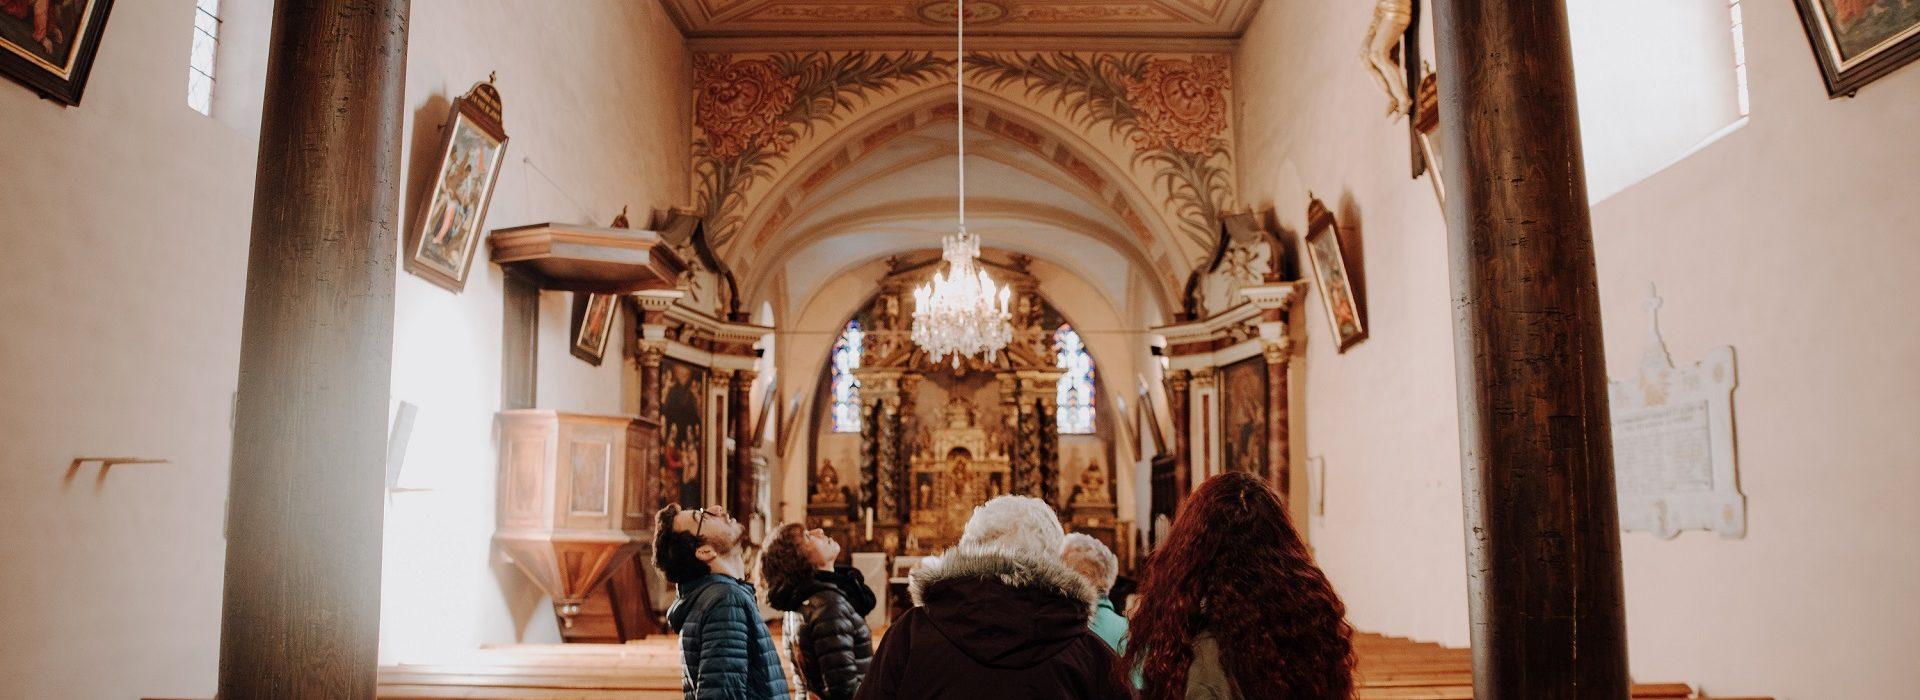 Eglise Abbatiale Entremont (16)wb